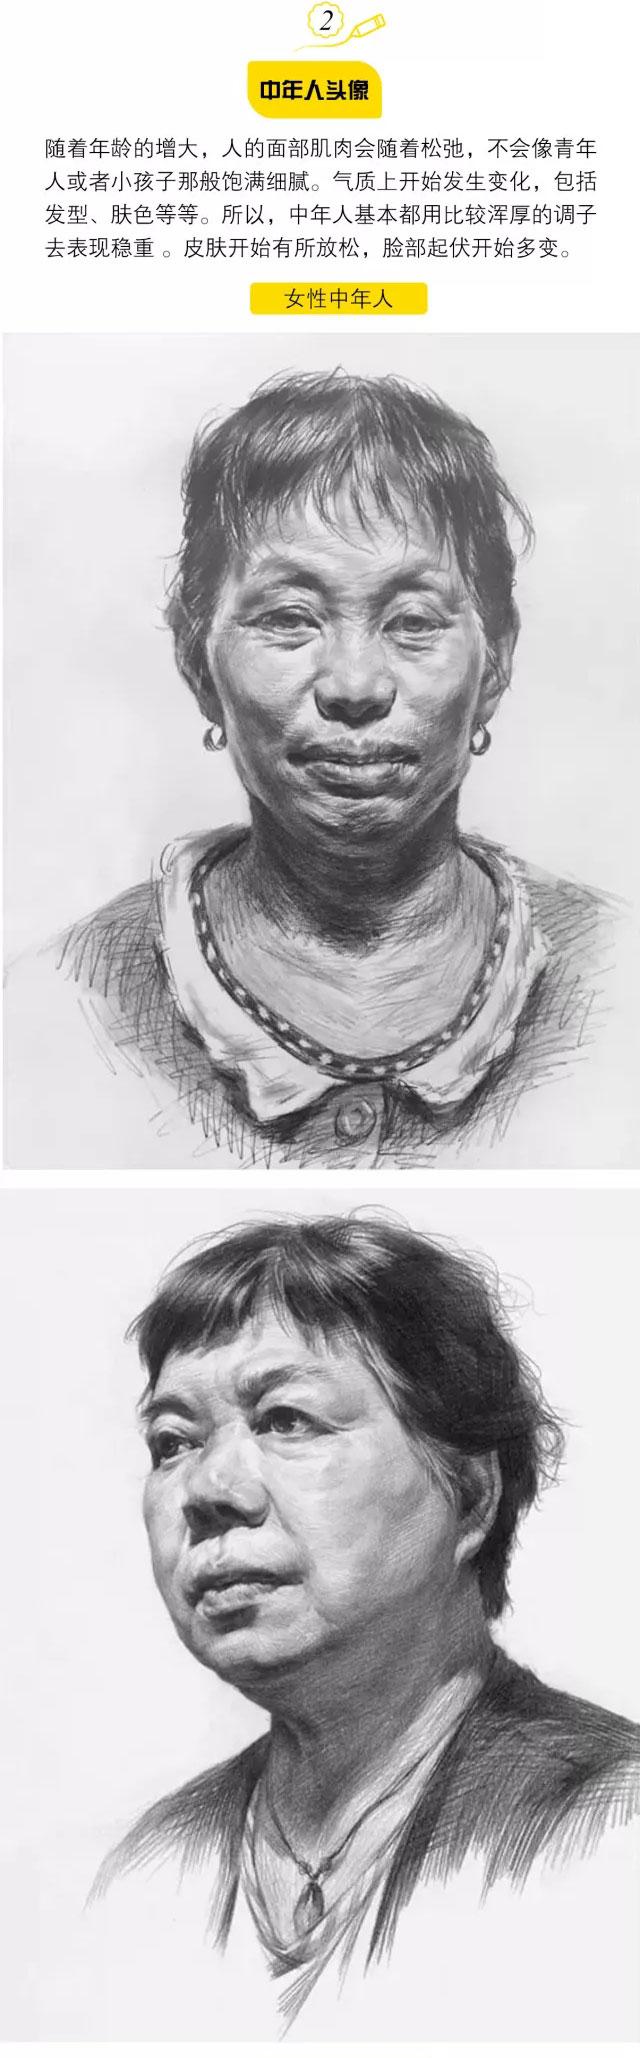 素描人像:不同年龄性别皮肤质感表_03.jpg